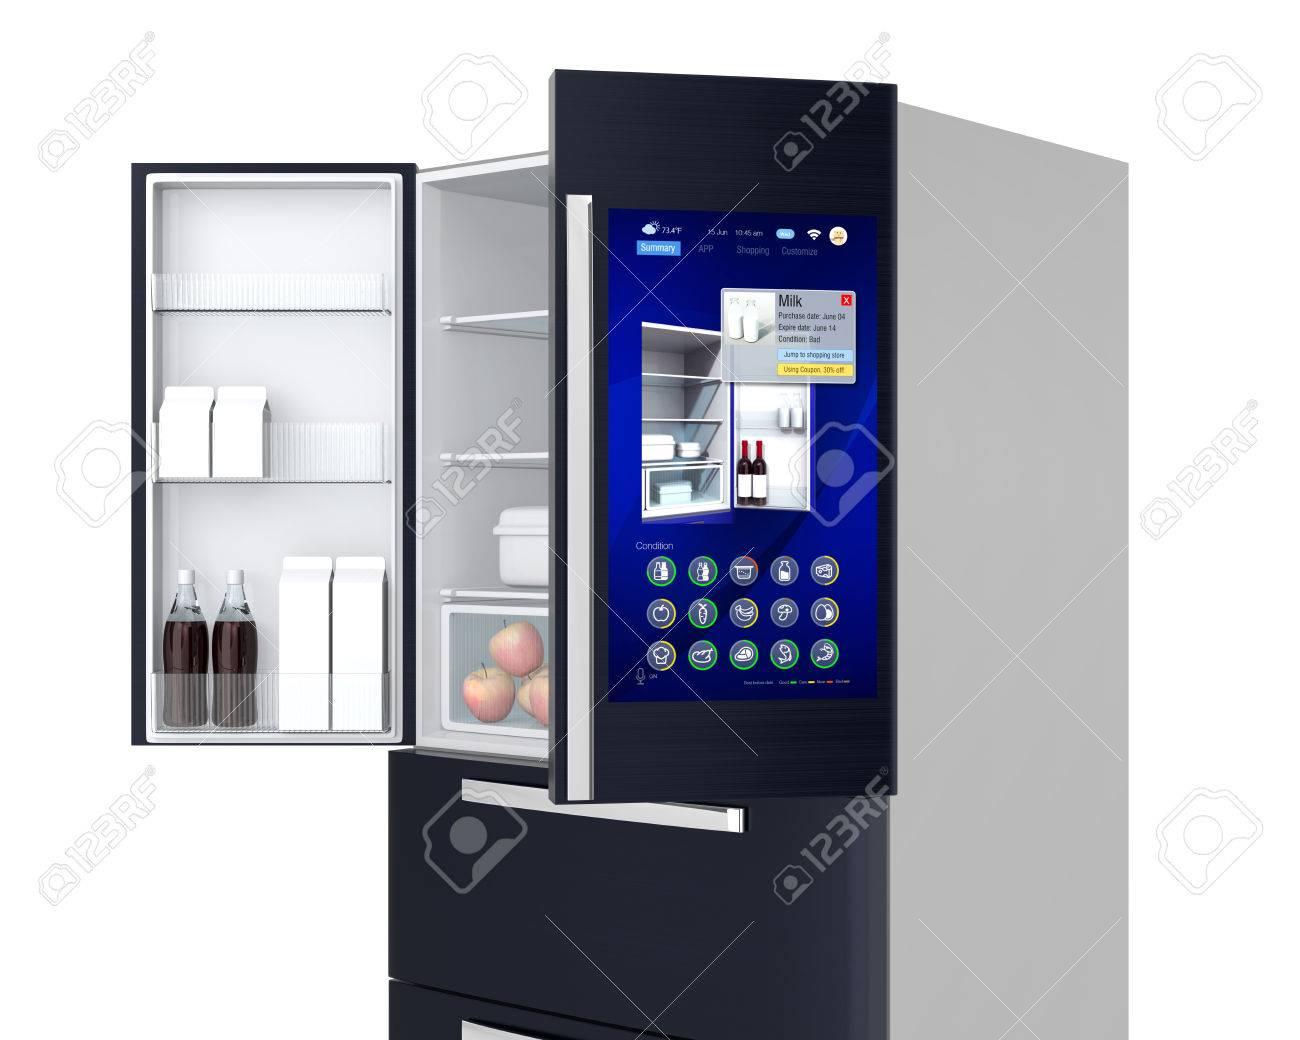 Kühlschrank Neu : Smart kühlschrank konzept der benutzer kann nahrung zu verwalten